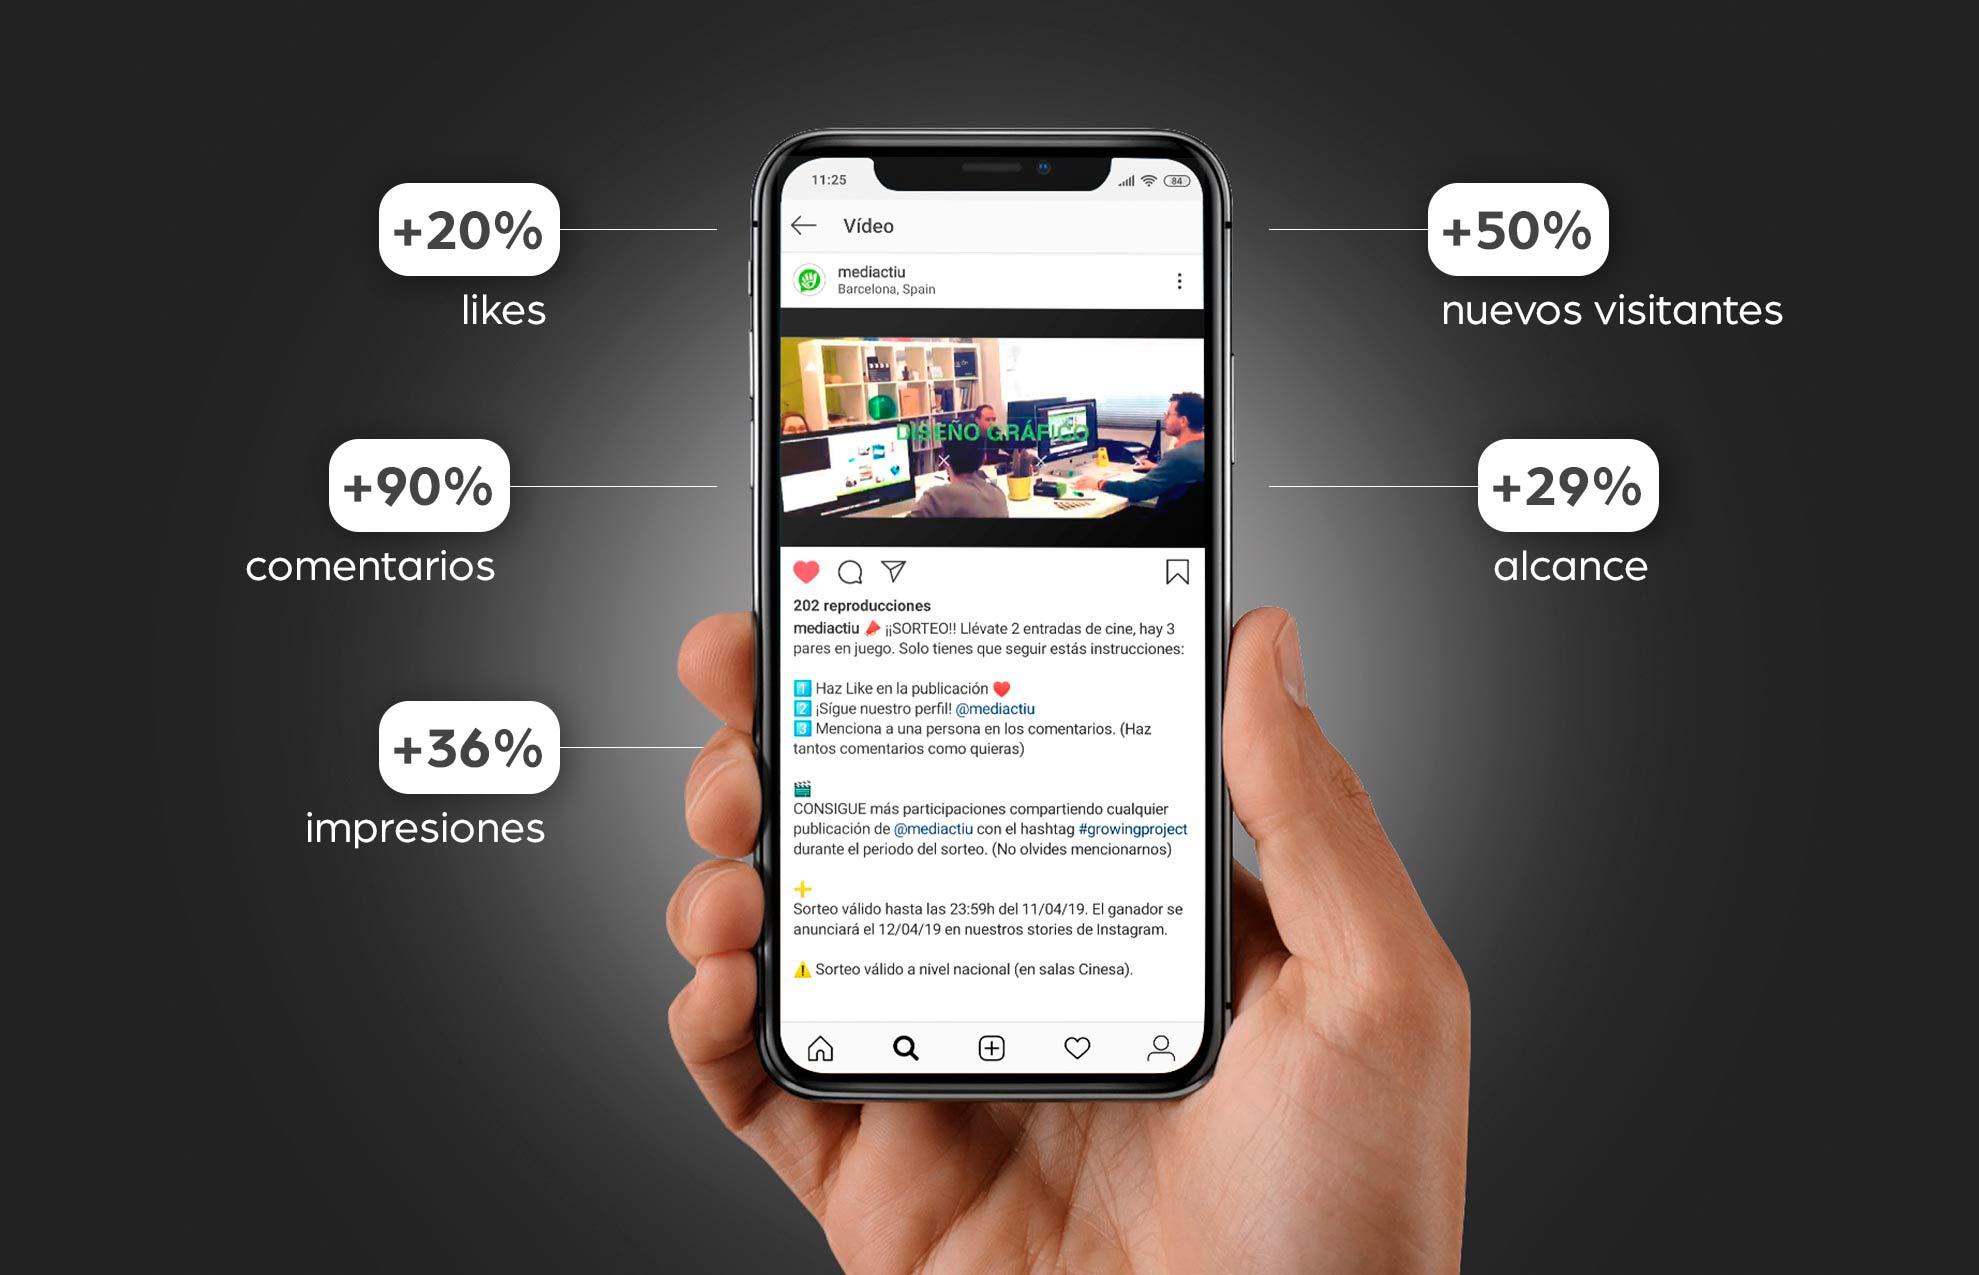 social media campaign design - Cómo hacer una acción de marketing directo